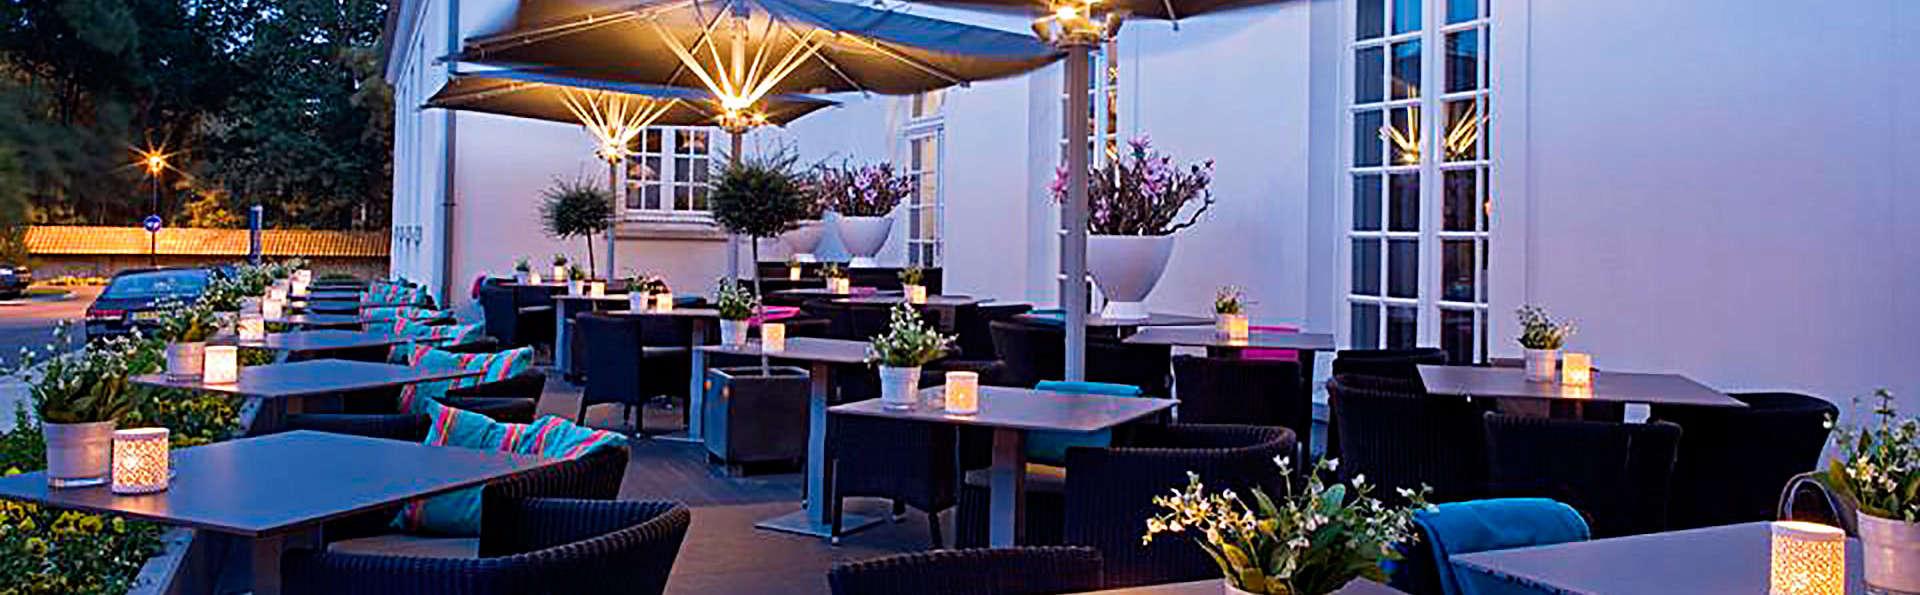 Hotel Van der Valk Brugge Oostkamp - edit_terrace.jpg